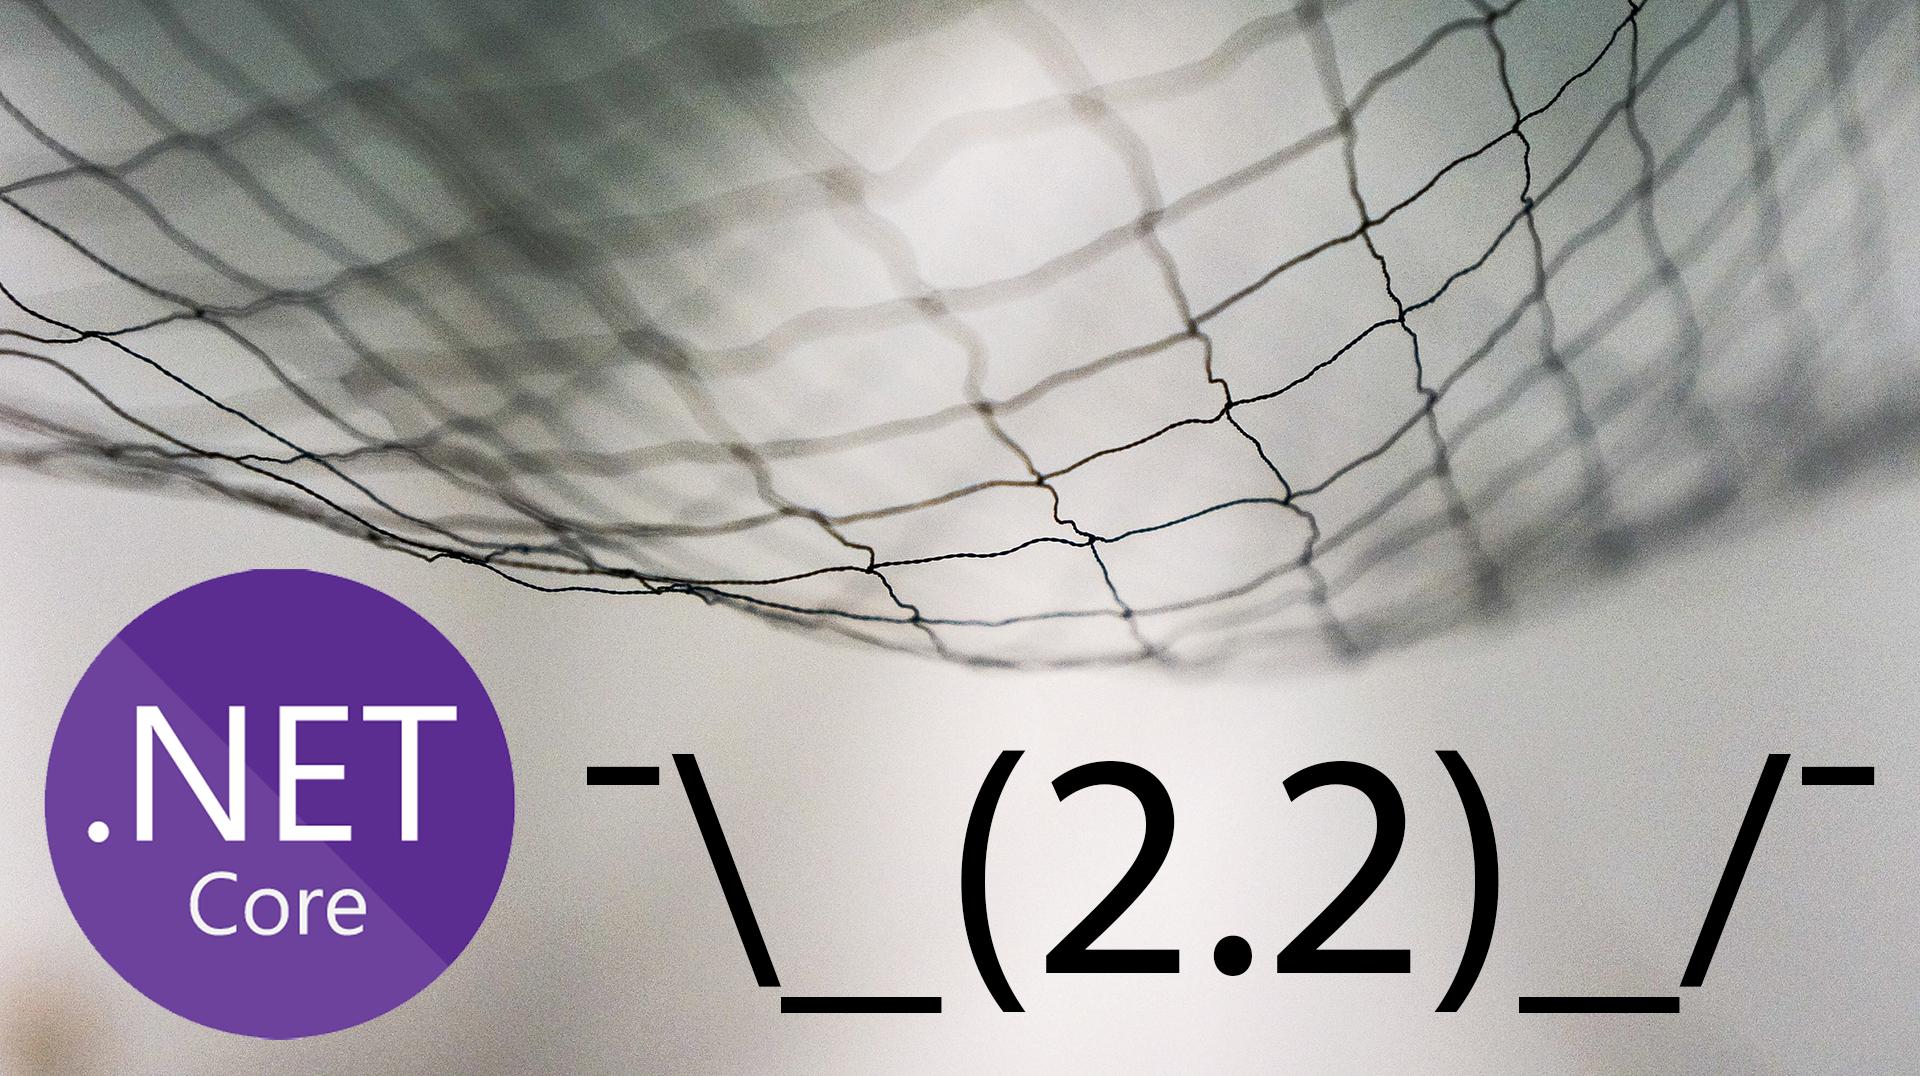 Вышел .NET Core 2.2. Что нового? (1 из 3) - 1